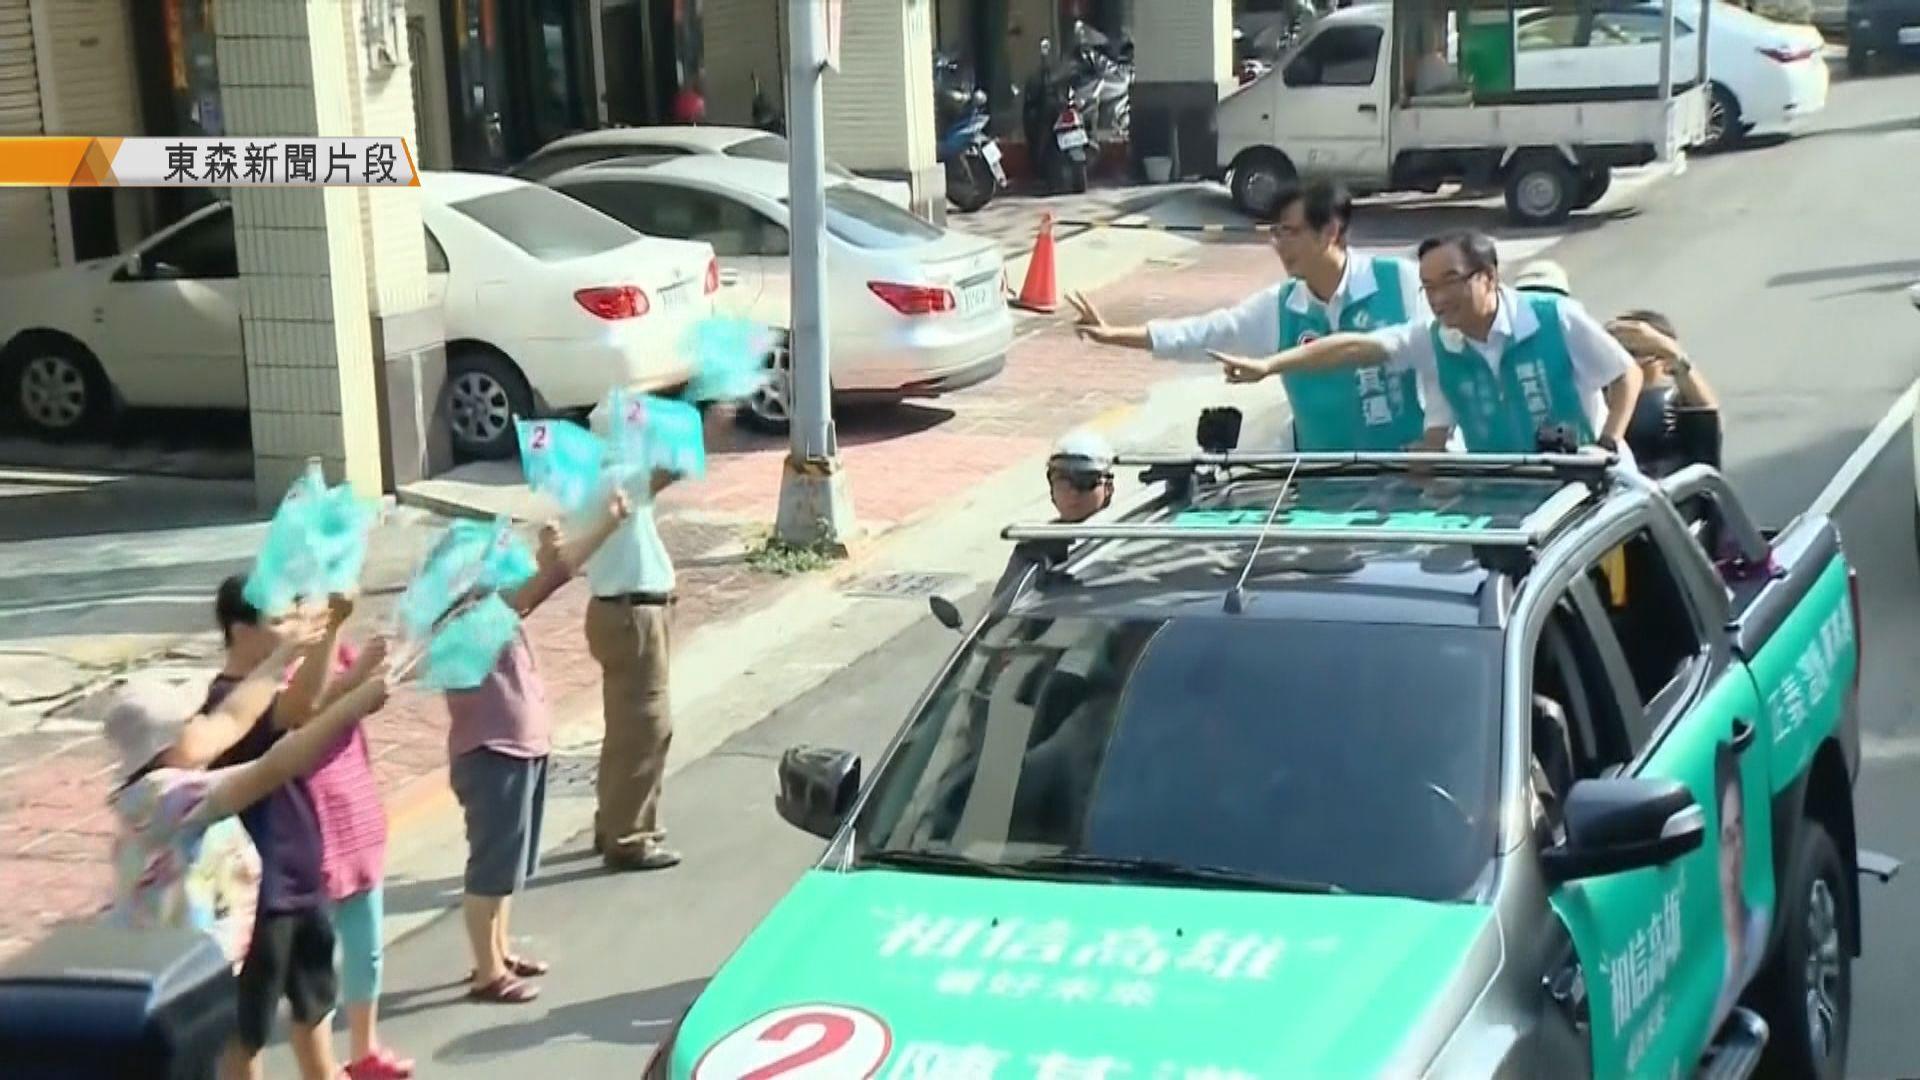 台灣九合一選舉周三起禁止公布民調